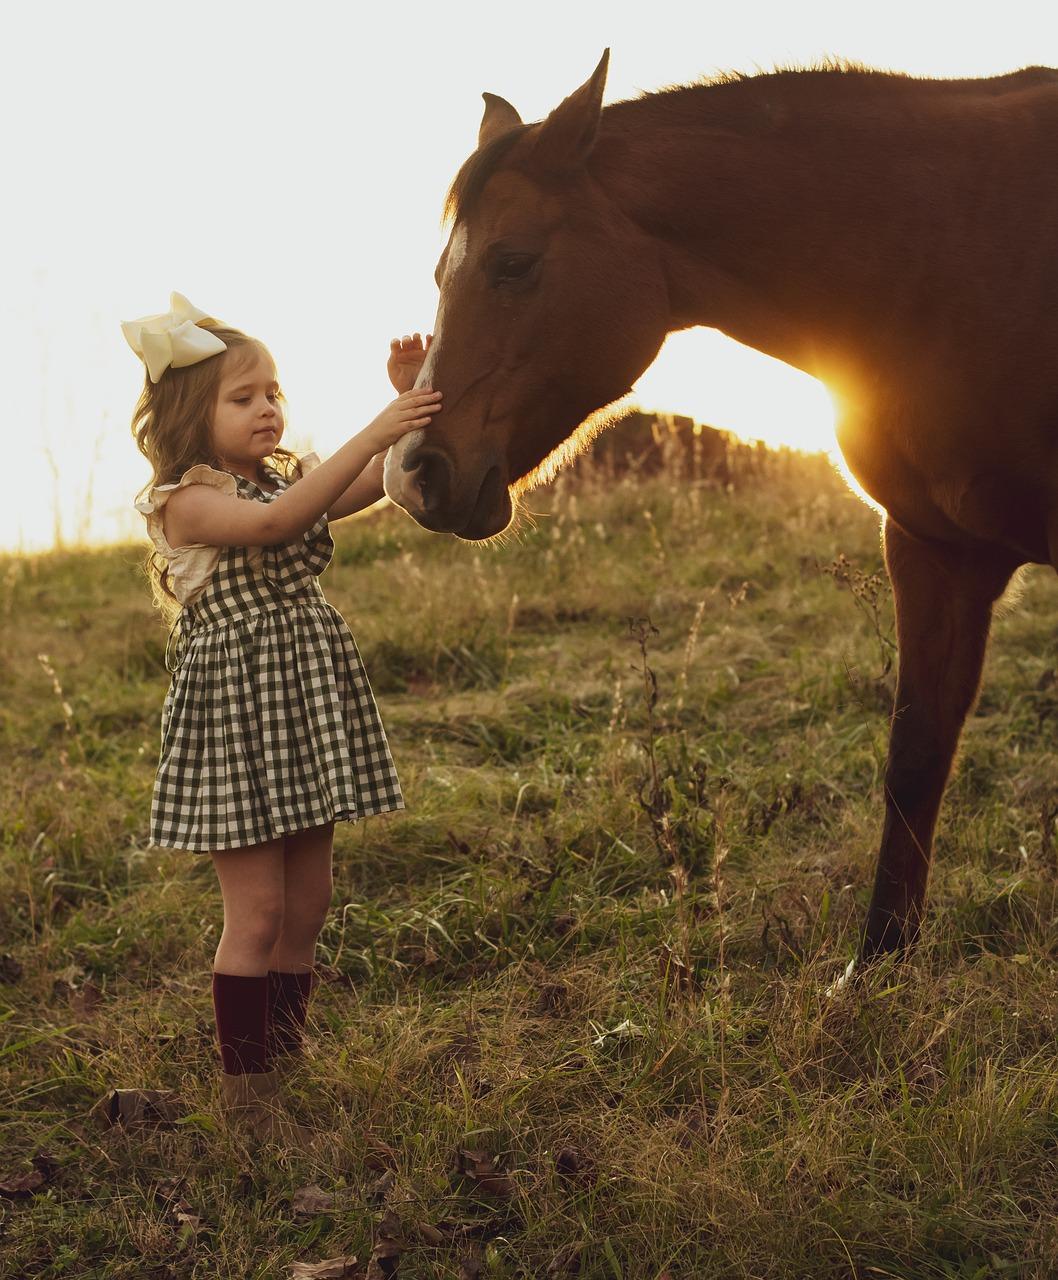 Horse Sunset Girl - Free photo on Pixabay